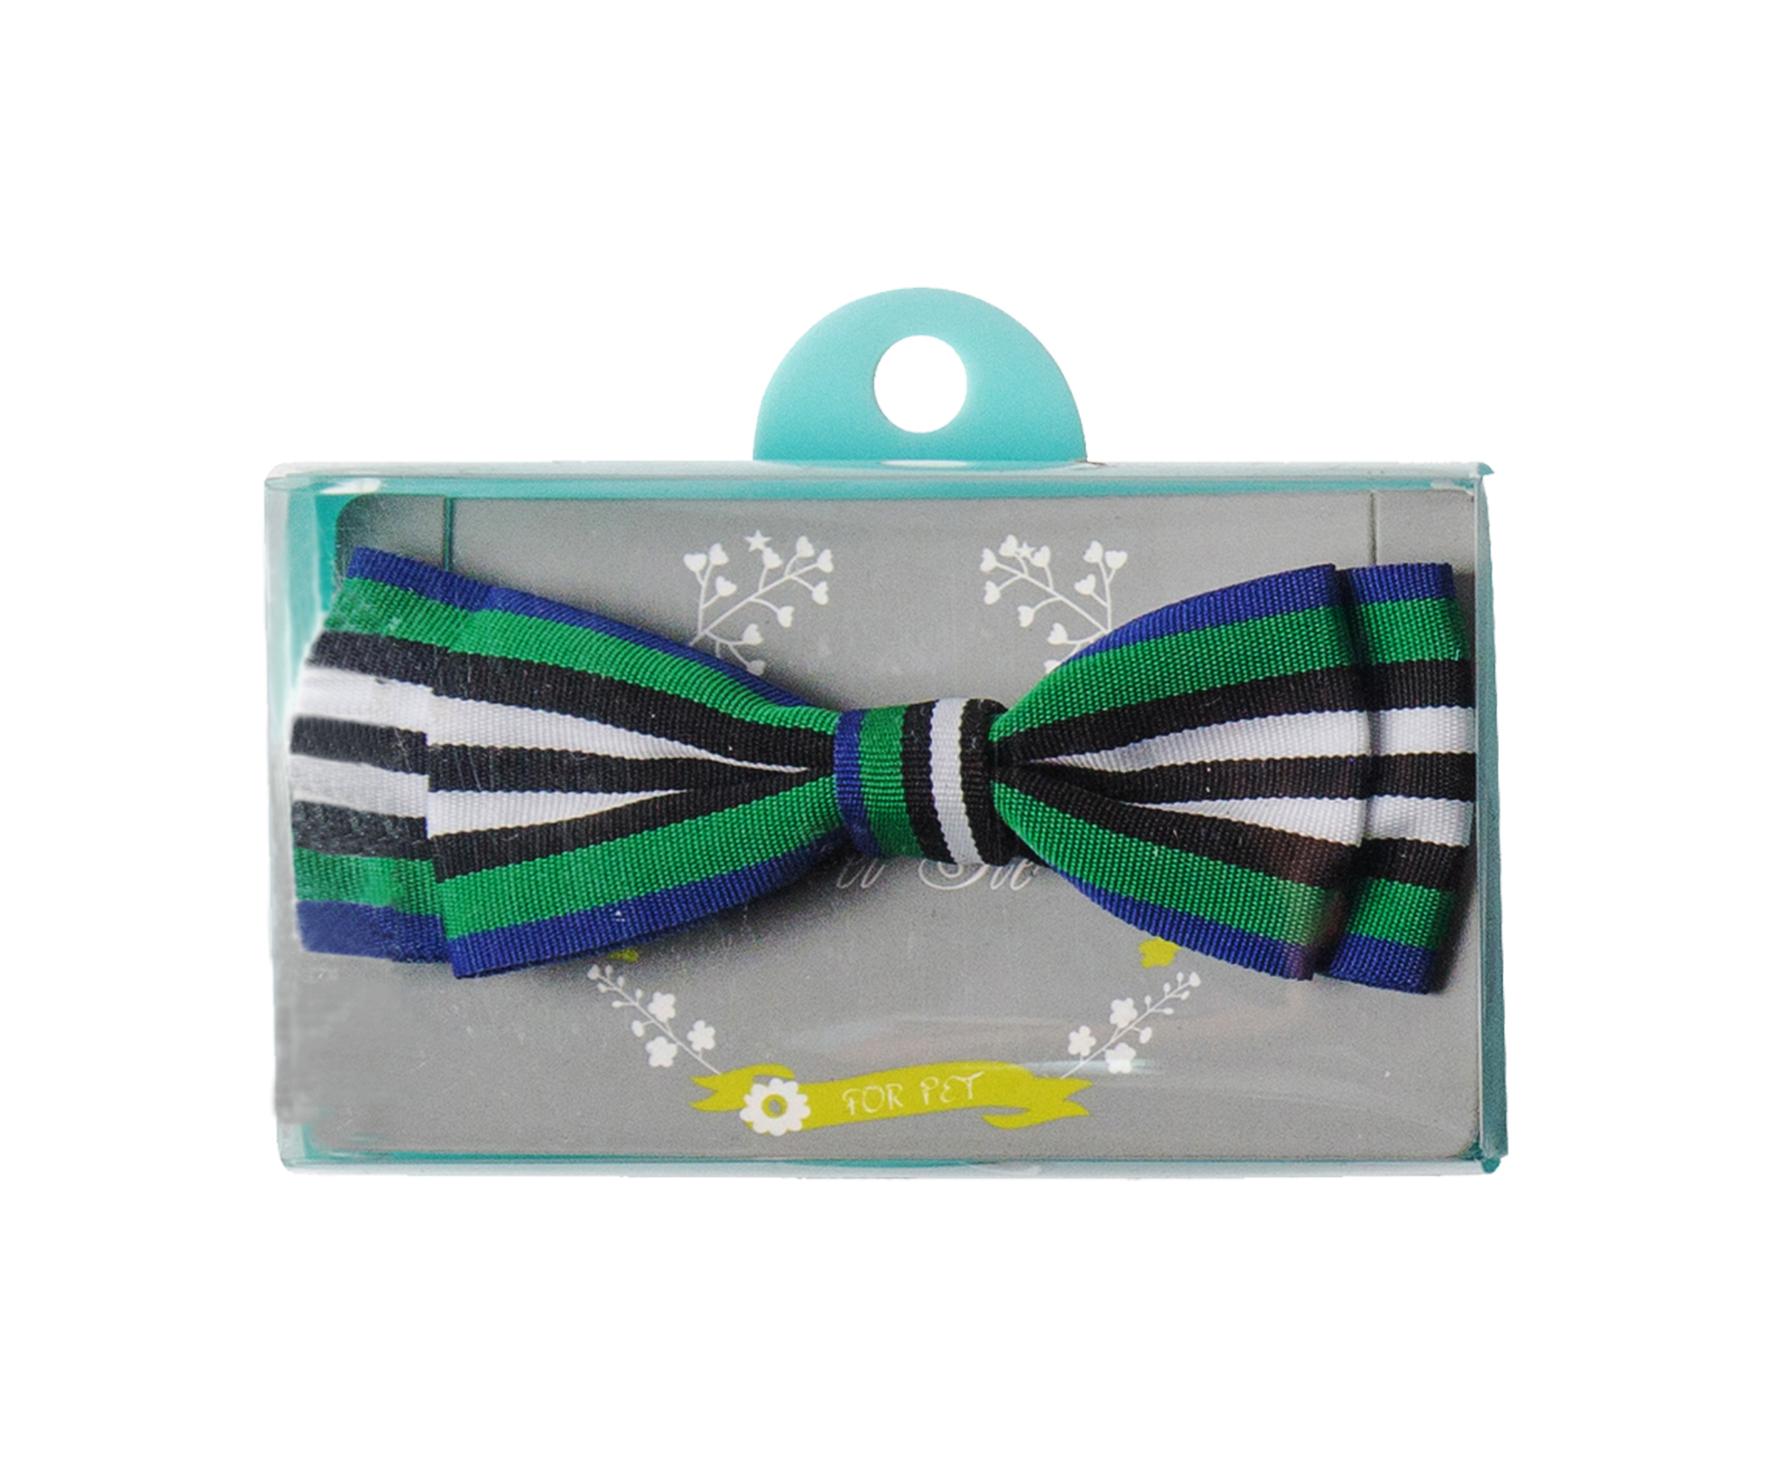 蝶ネクタイ(ボーダー・グリーン×ホワイト) Bow tie (Striped Green x White)